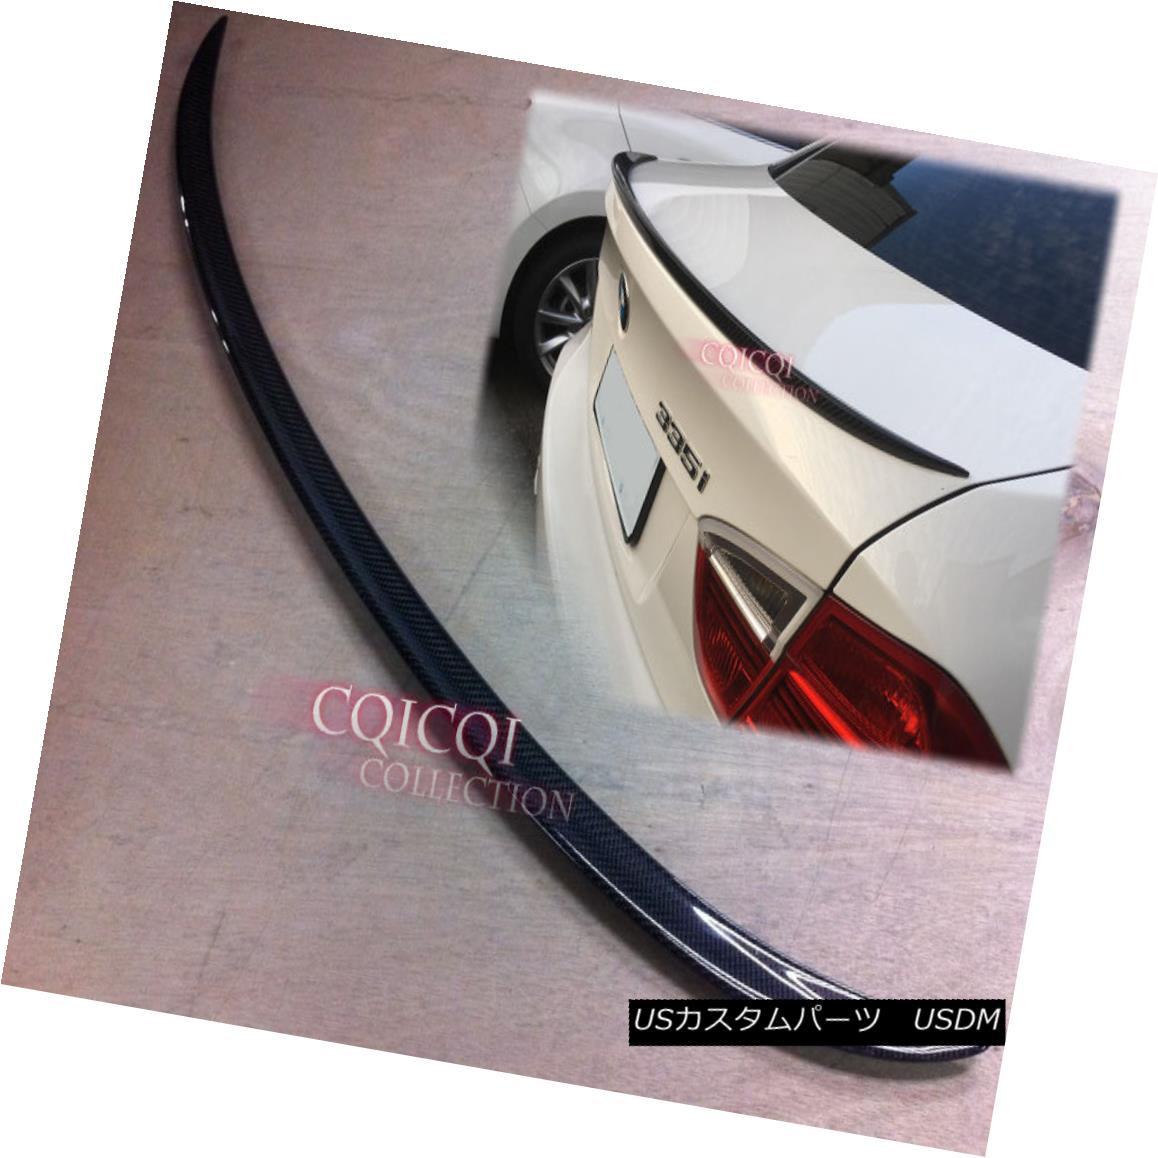 エアロパーツ Carbon Fiber BMW 2006~2011 E90 3-series Sedan M3 type trunk spoiler ◎ カーボンファイバーBMW 2006?2011 E90 3シリーズセダンM3タイプのトランク・スポイラー?